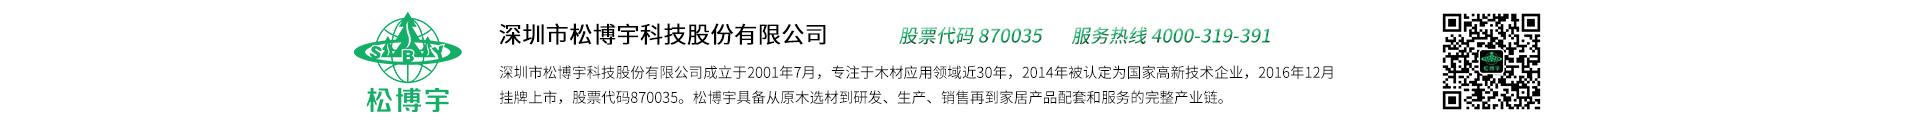 深圳市松博宇科技股份有限公司